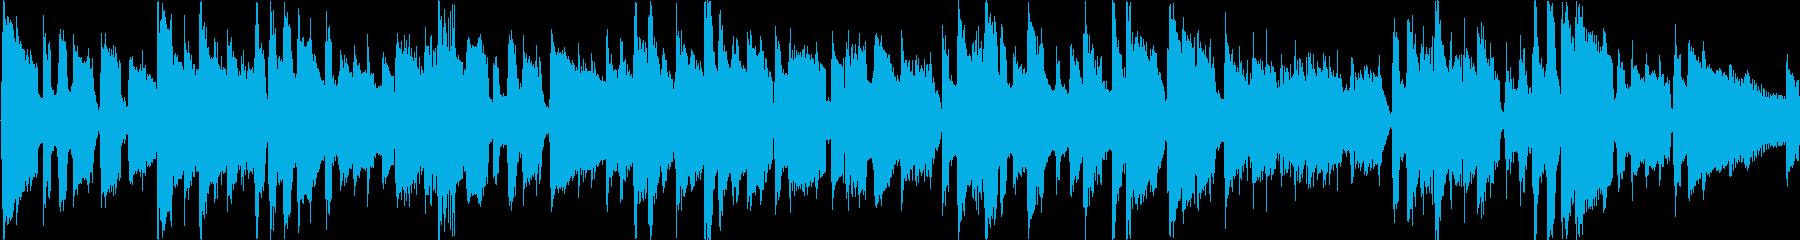 30秒の元気で爽やかなアコギのポップスの再生済みの波形